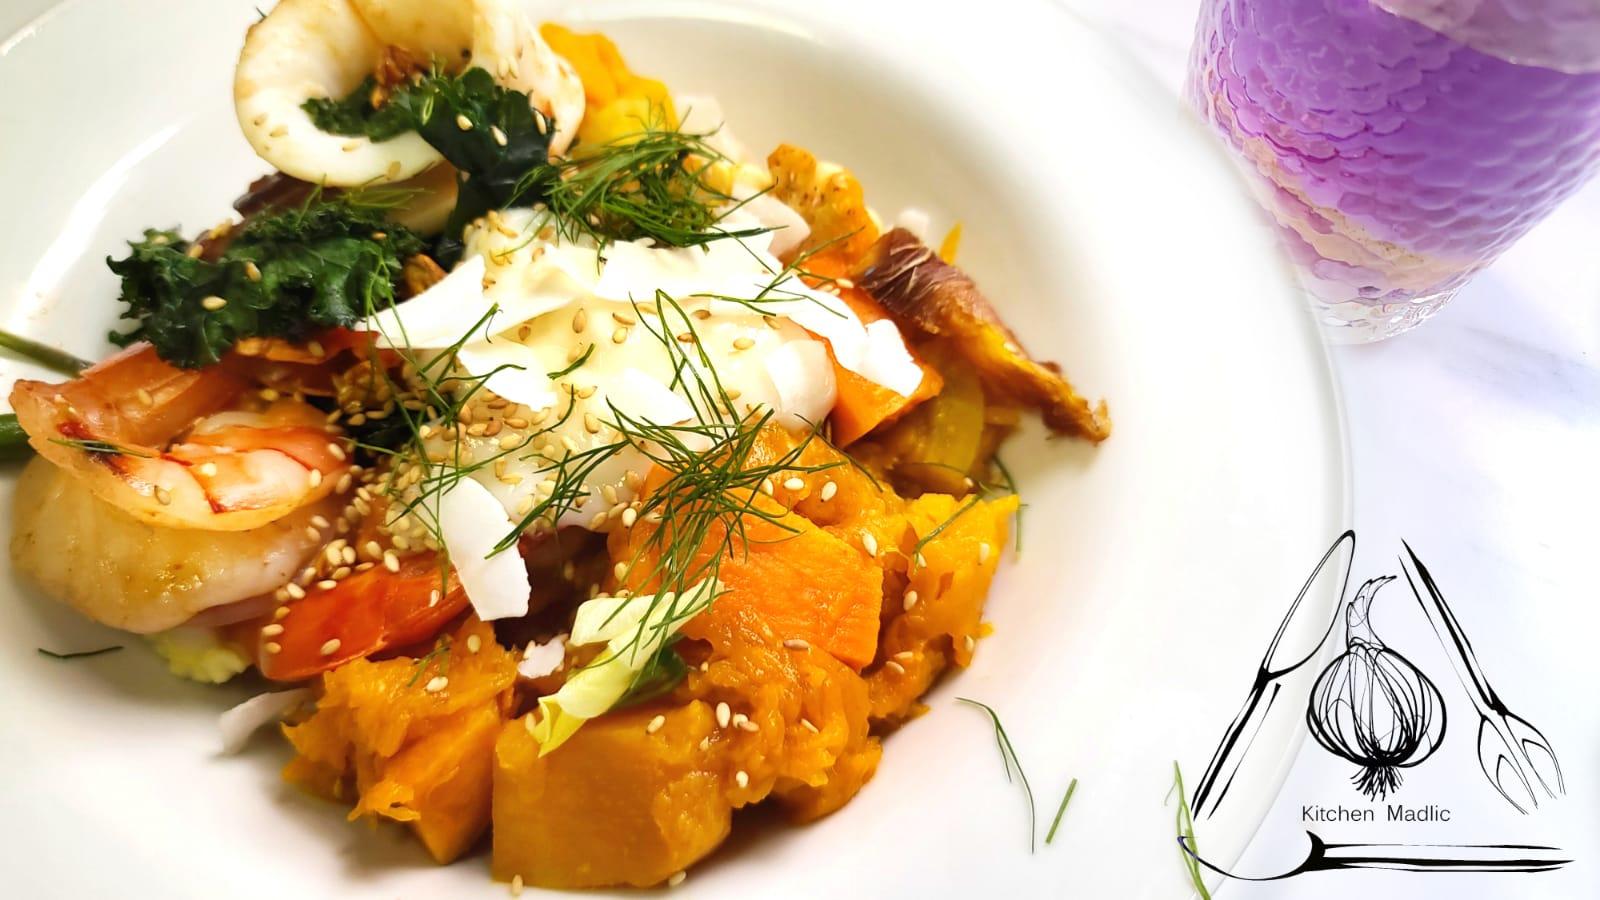 希臘式虎蝦魷魚南瓜沙律。(Kitchen Madlic提供)